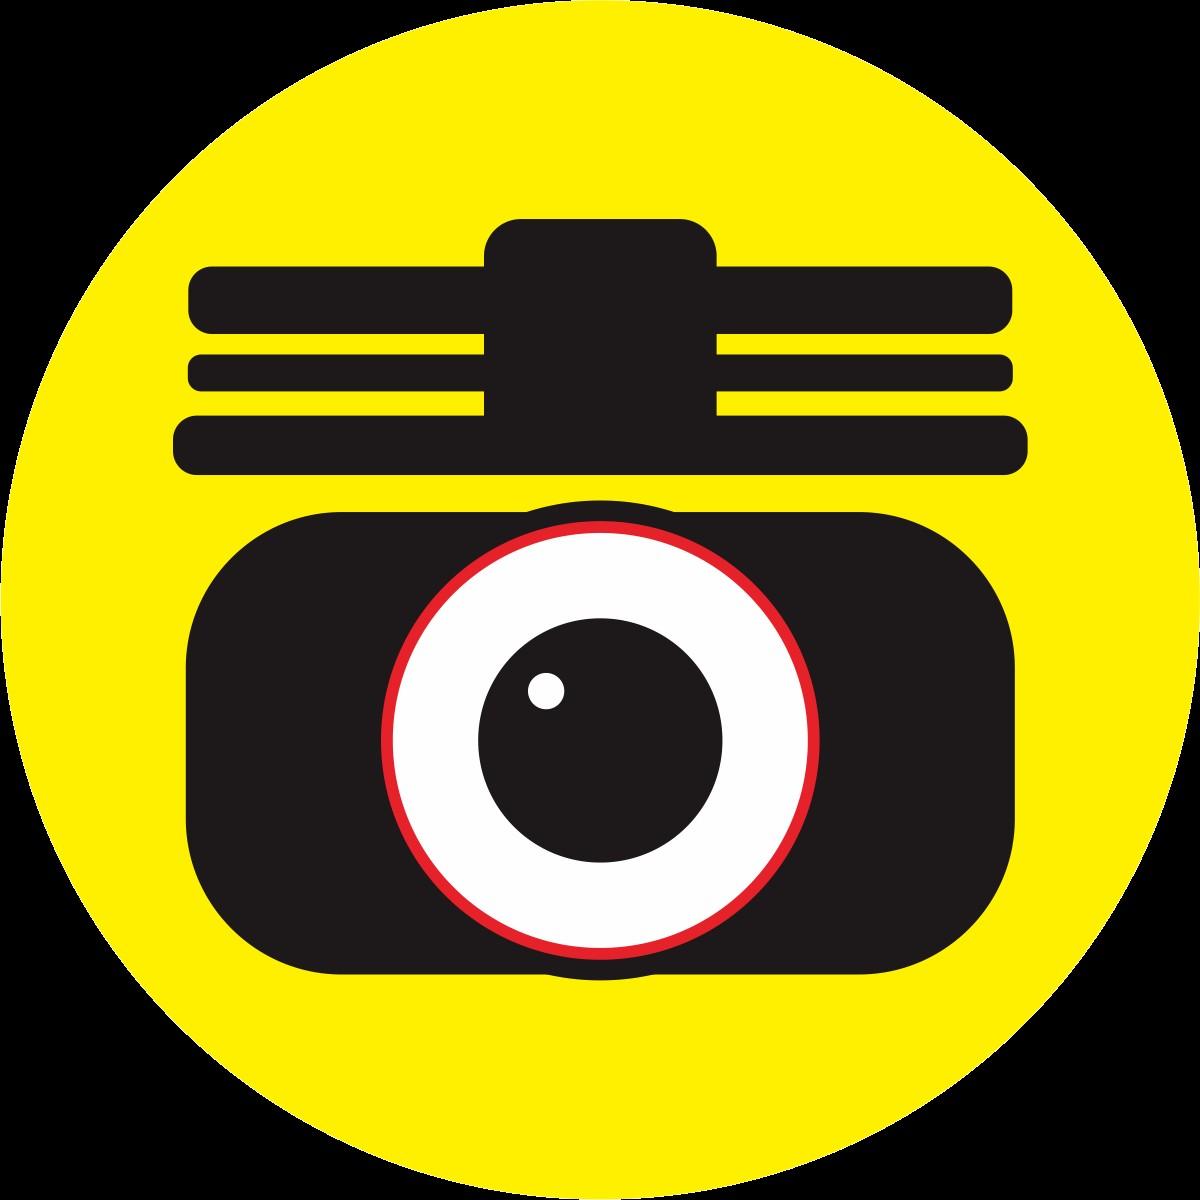 毒家单反摄影指南-微信小程序